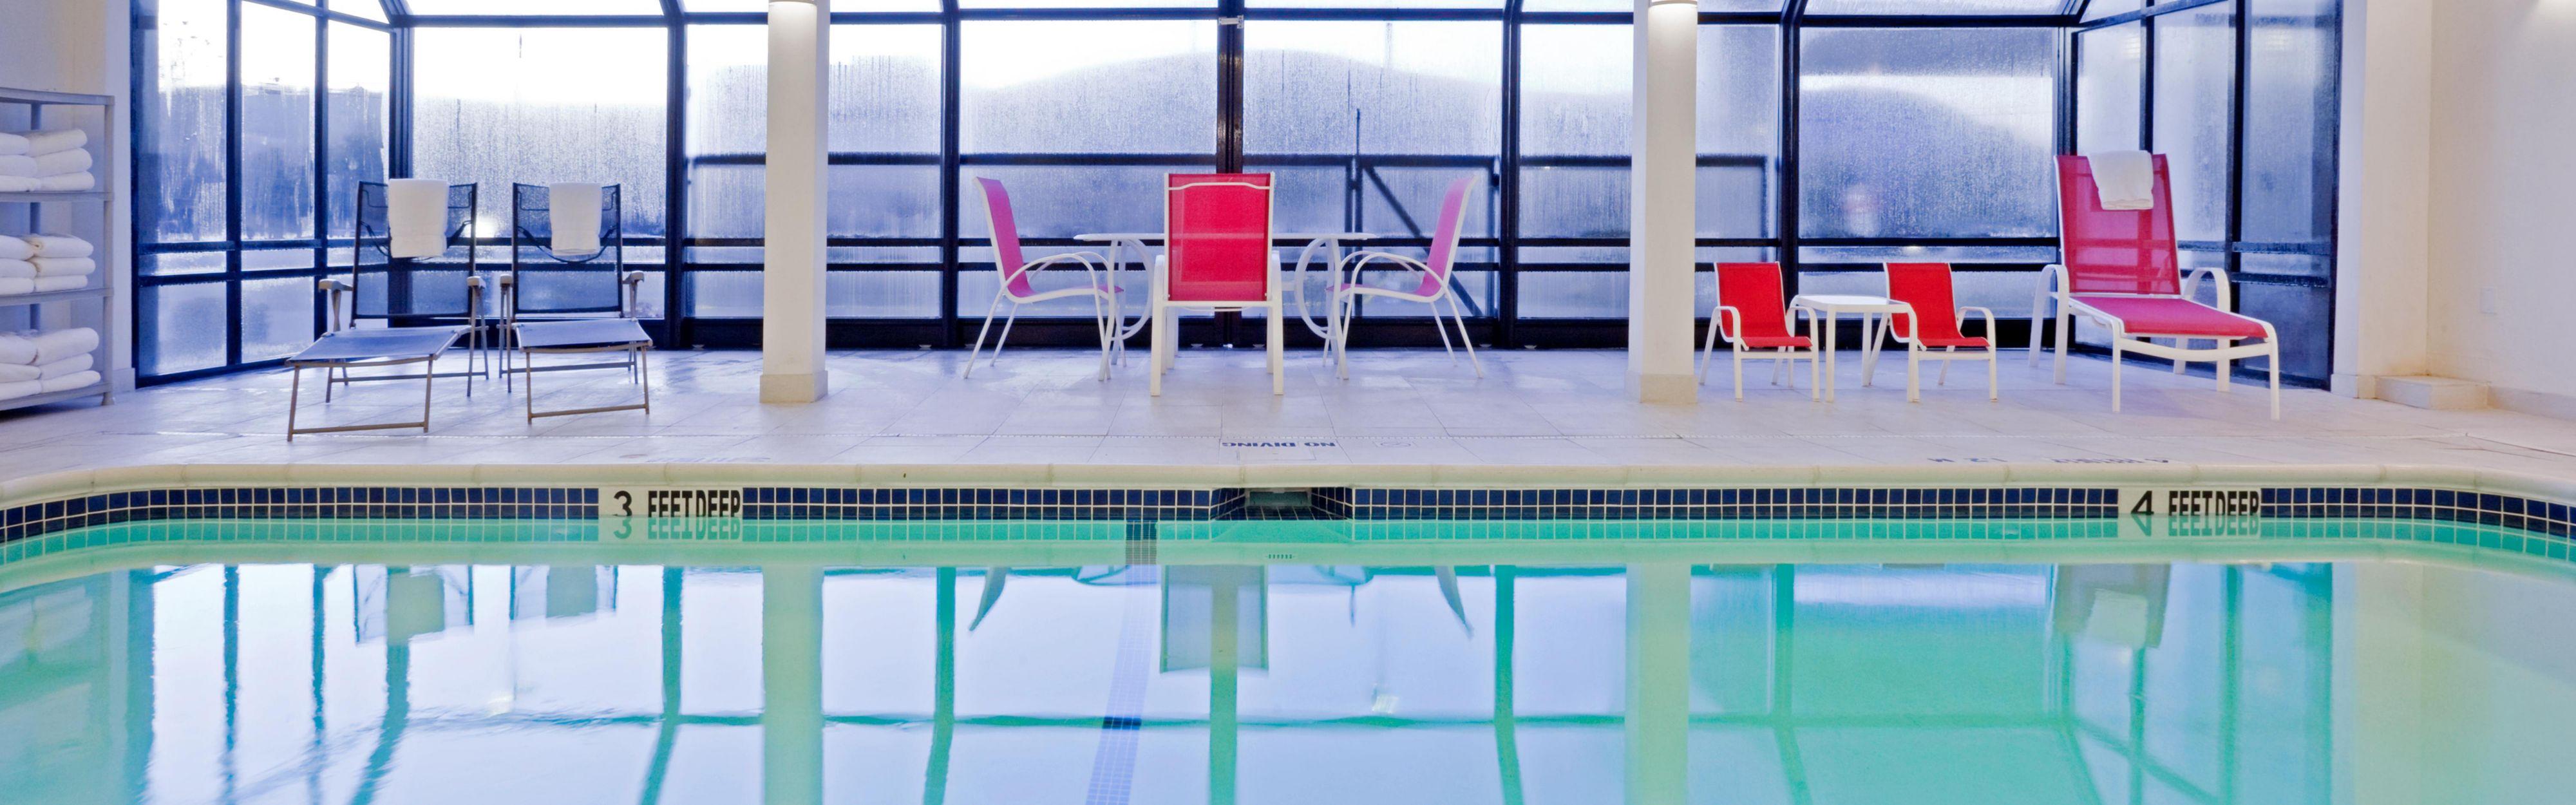 Holiday Inn Express Fishkill-Mid Hudson Valley image 2